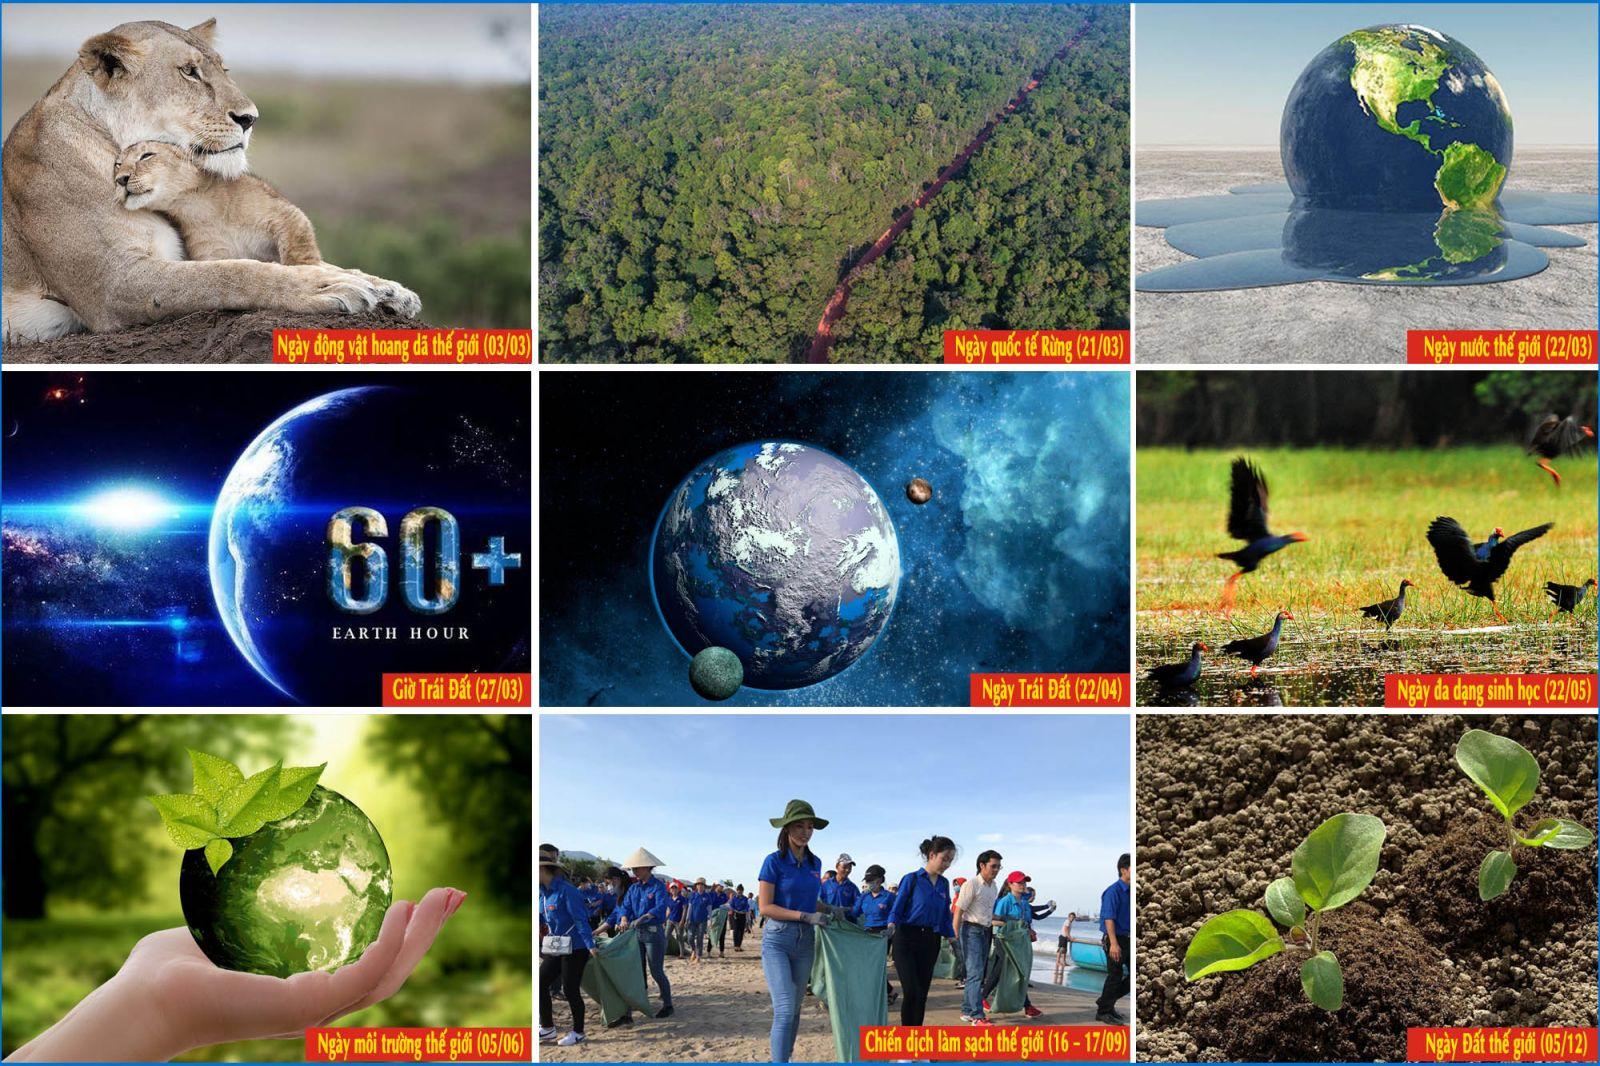 9 sự kiện môi trường sẽ diễn ra năm 2021